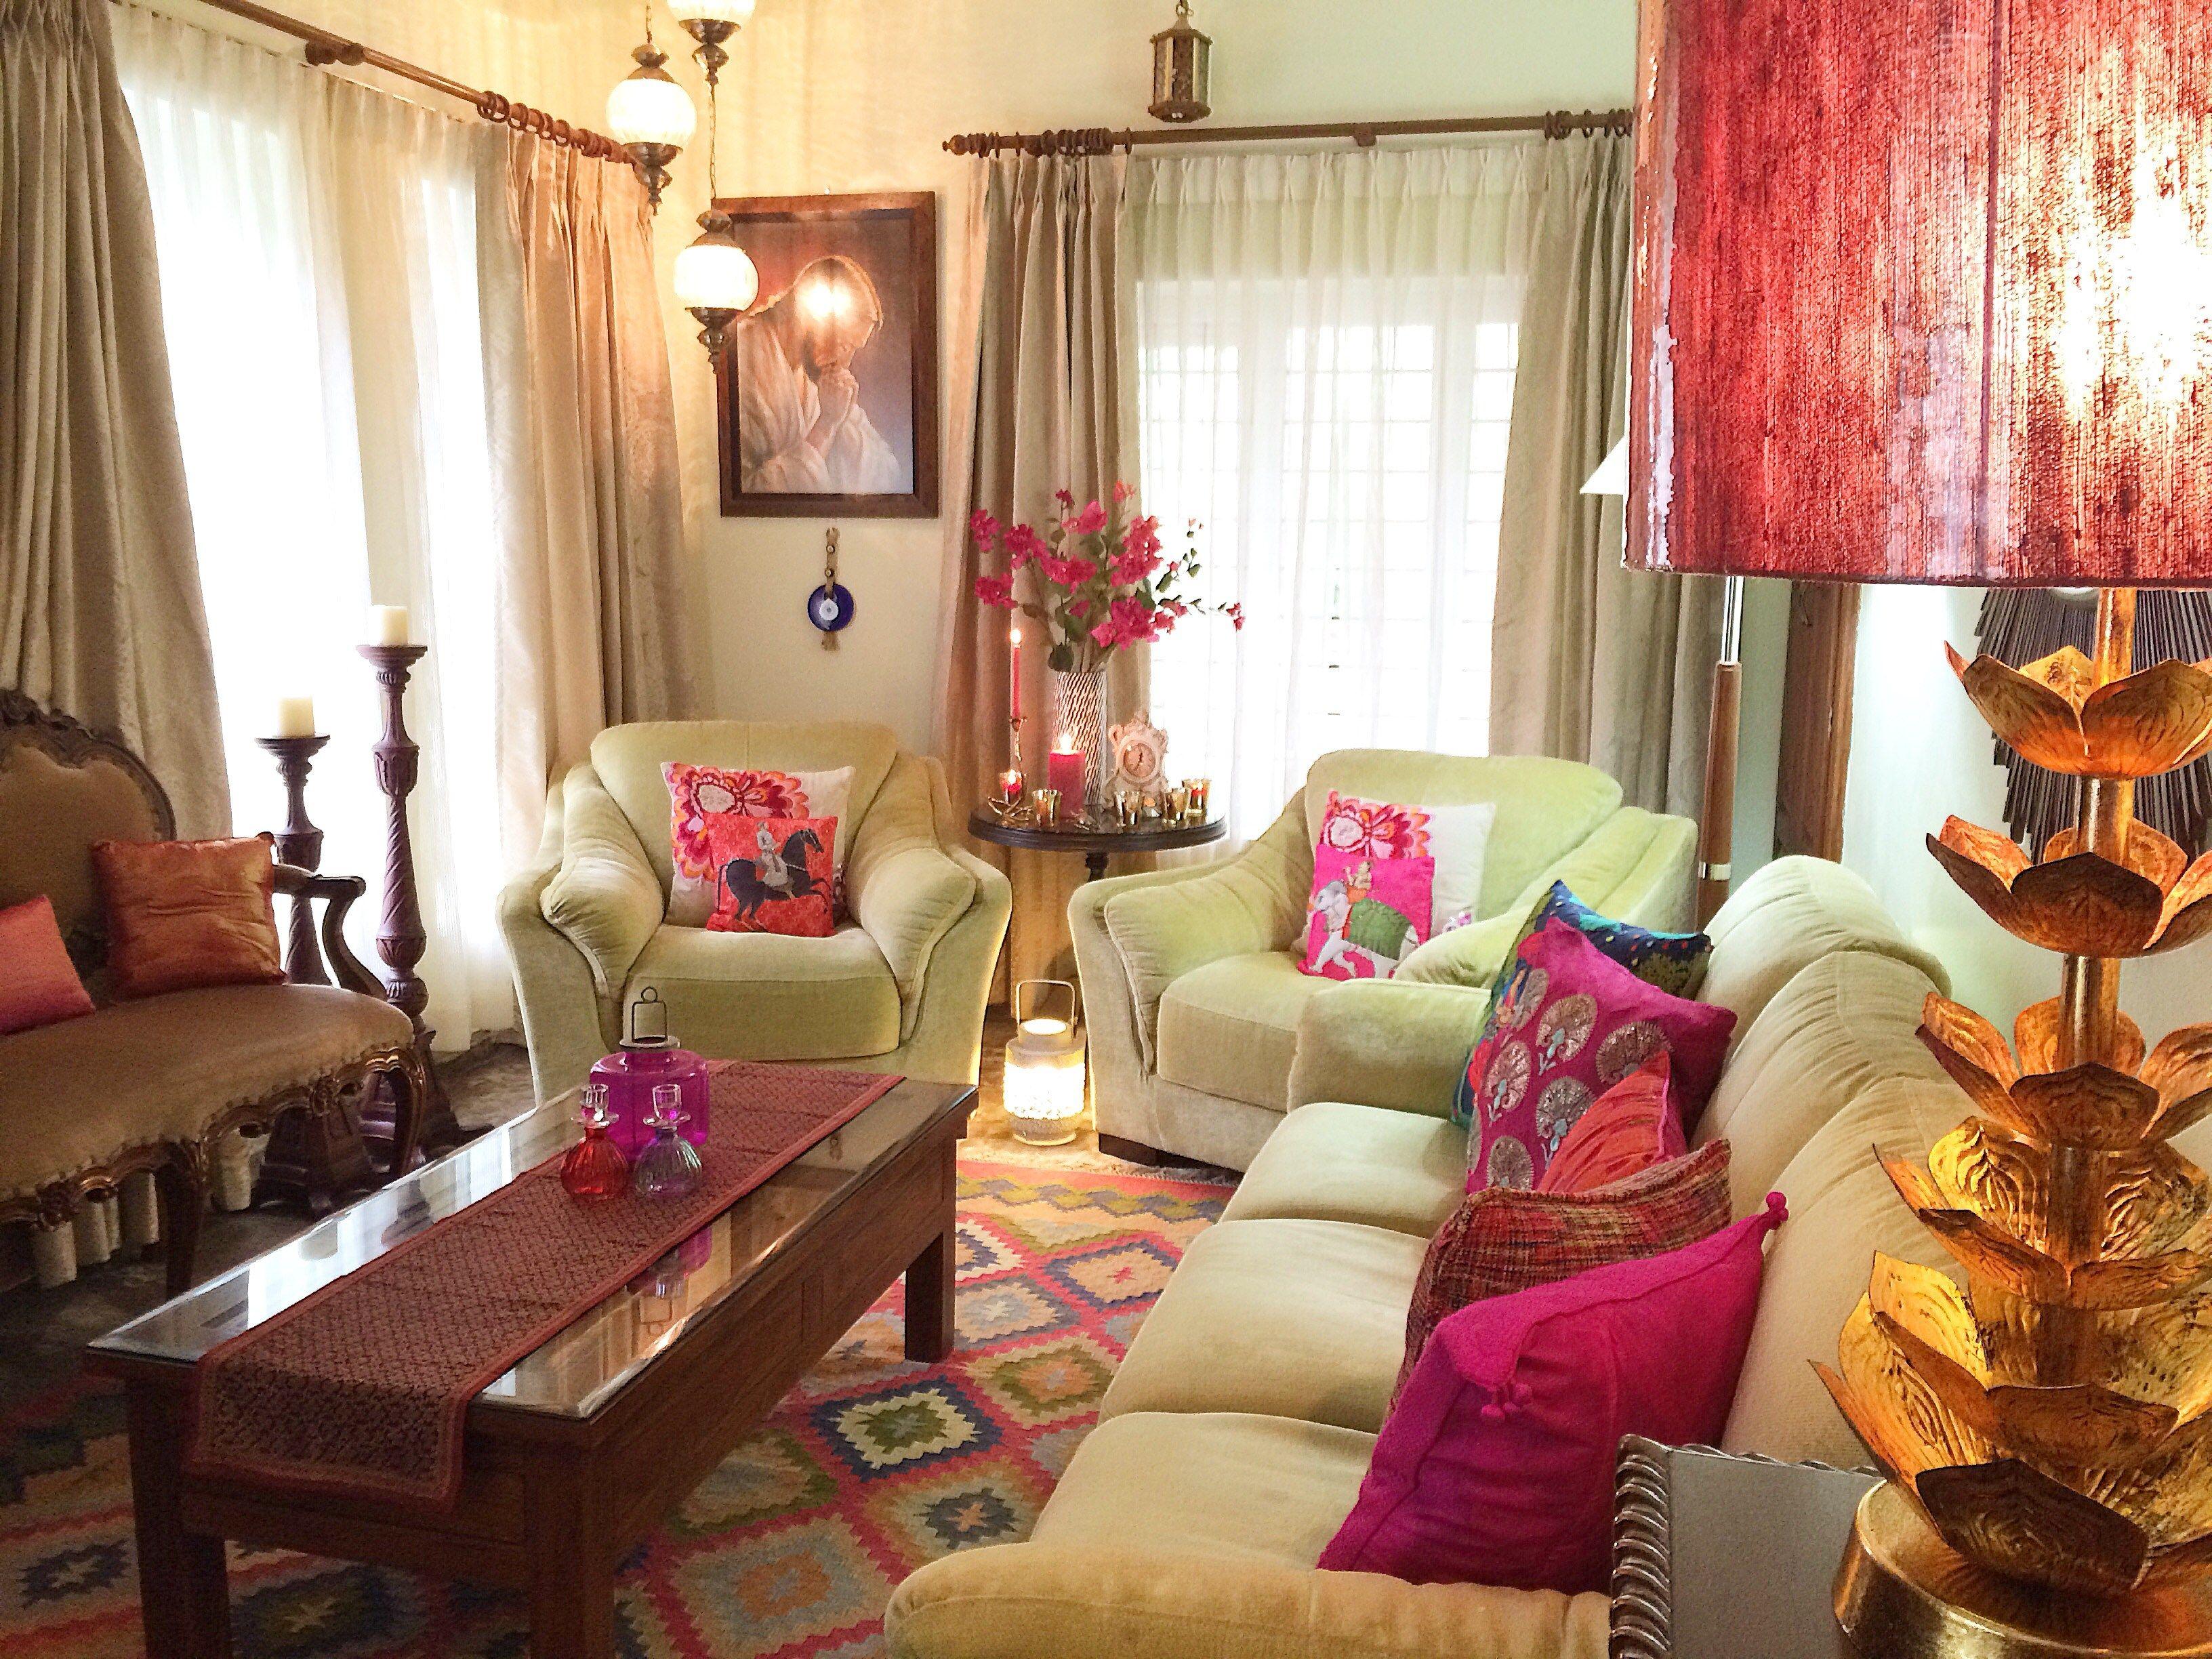 Home interior design kerala home tour the josephsu amazing technicolor dream home in kerala